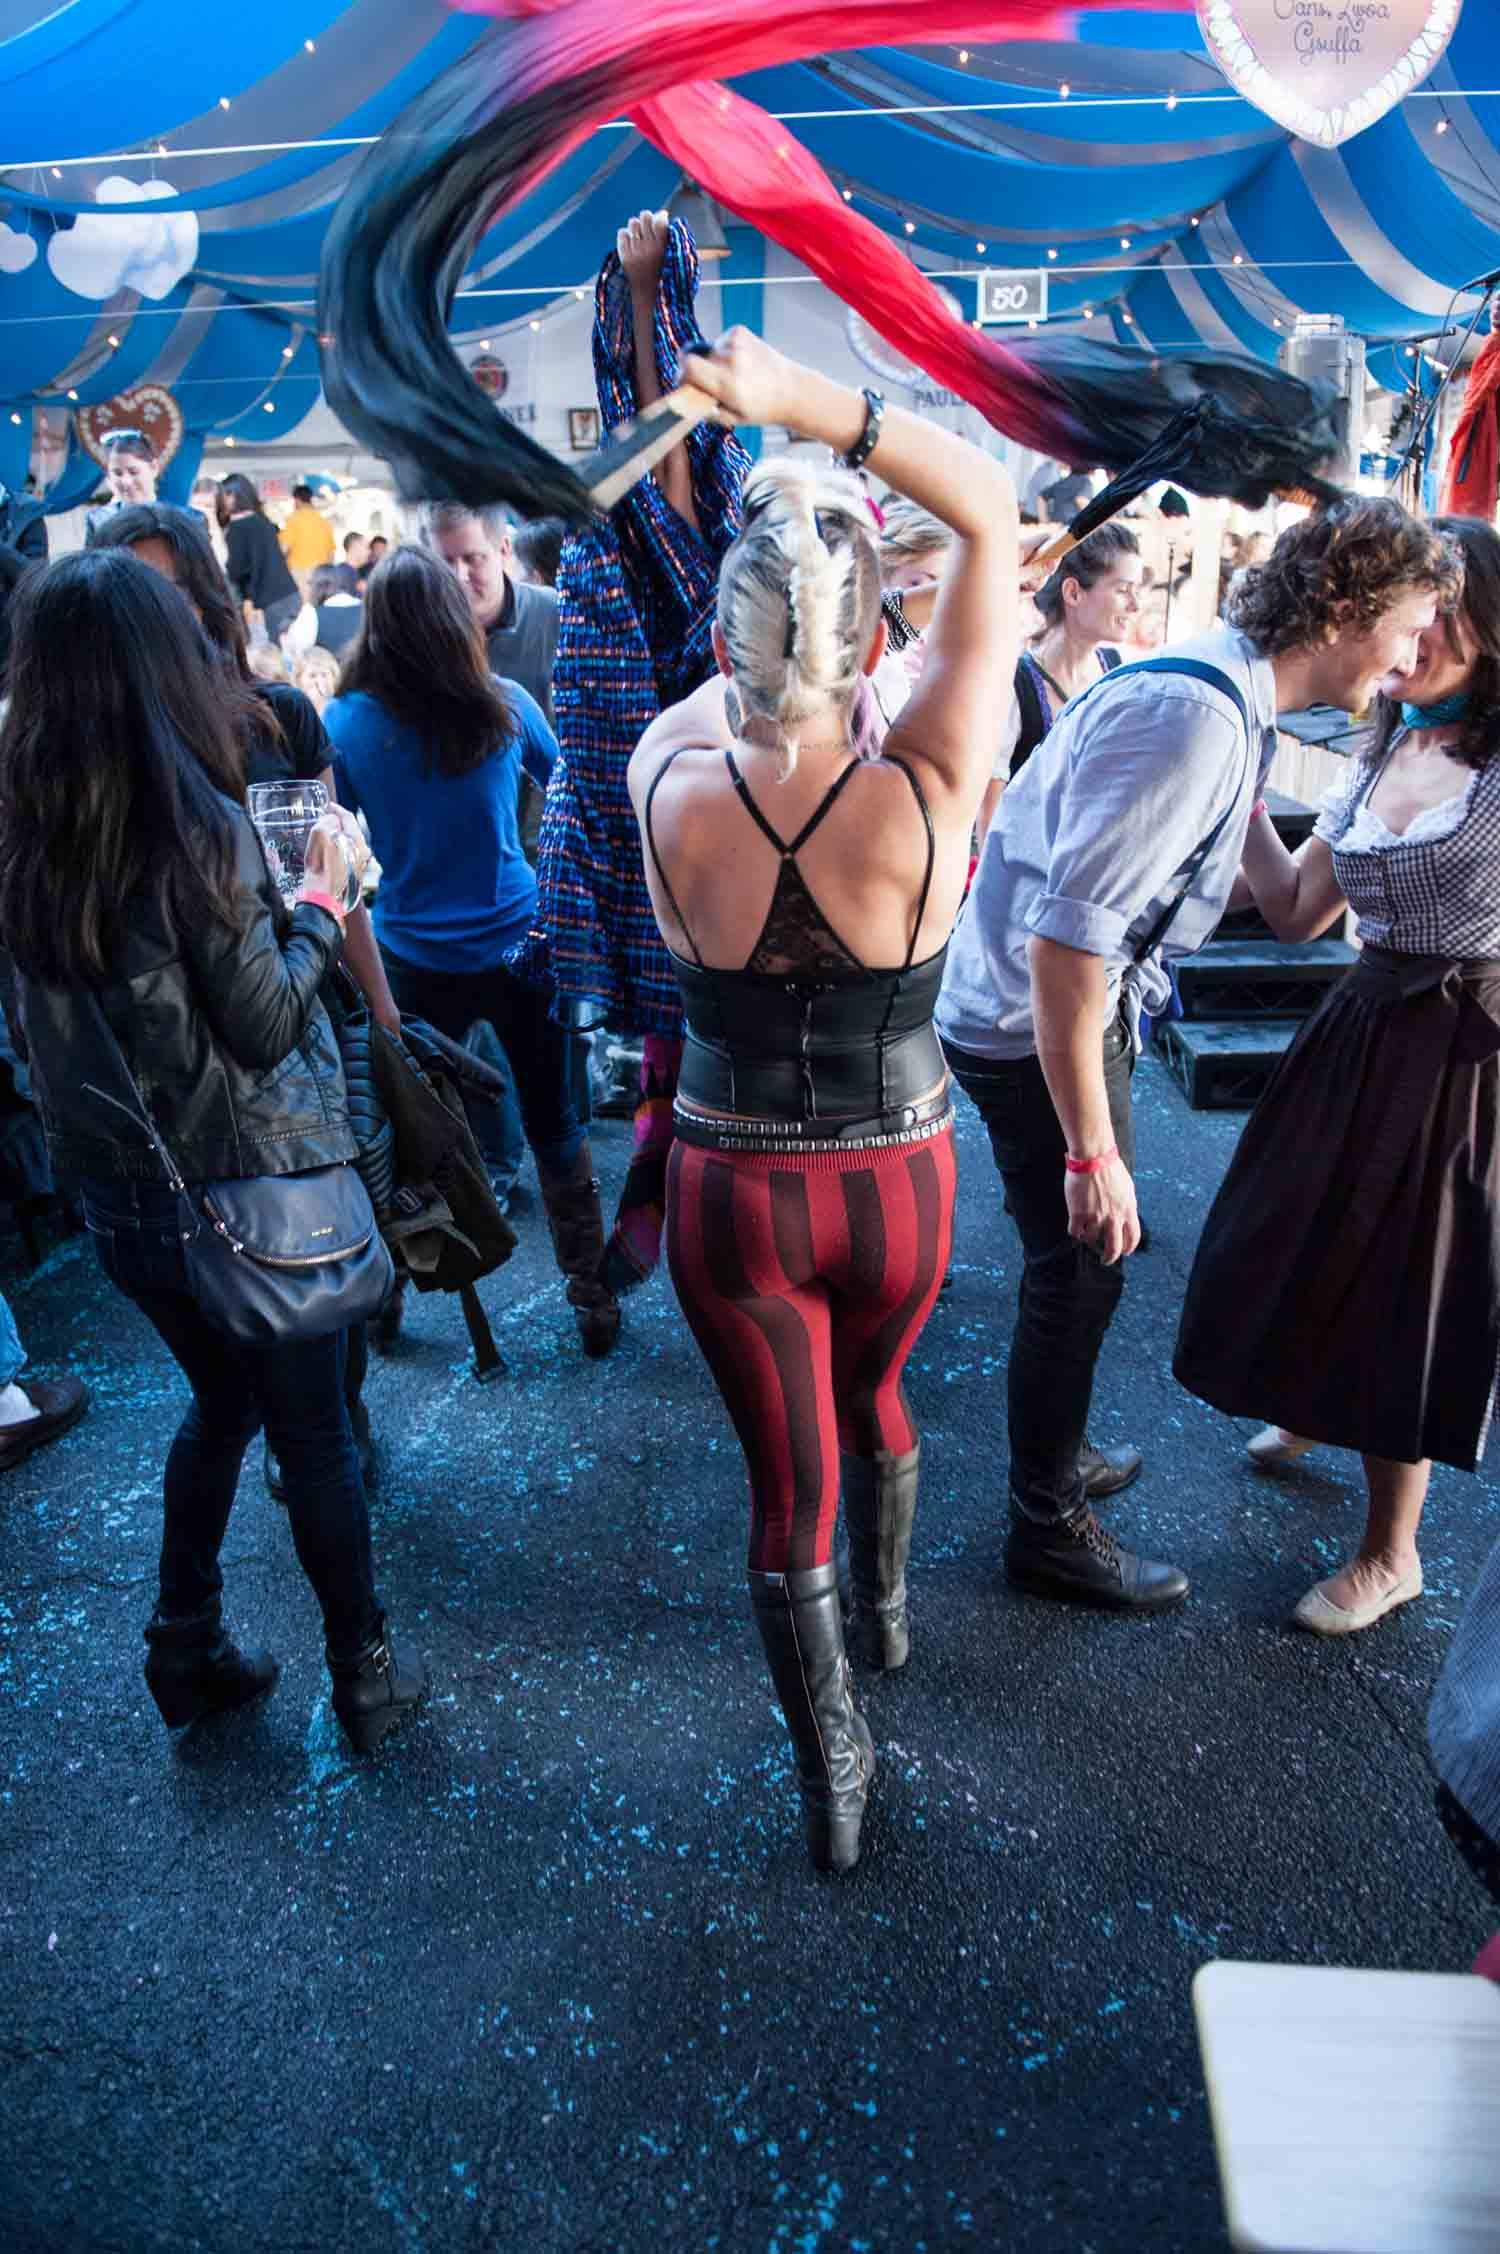 zum-schneider-nyc-2014-Oktoberfest-4728.jpg